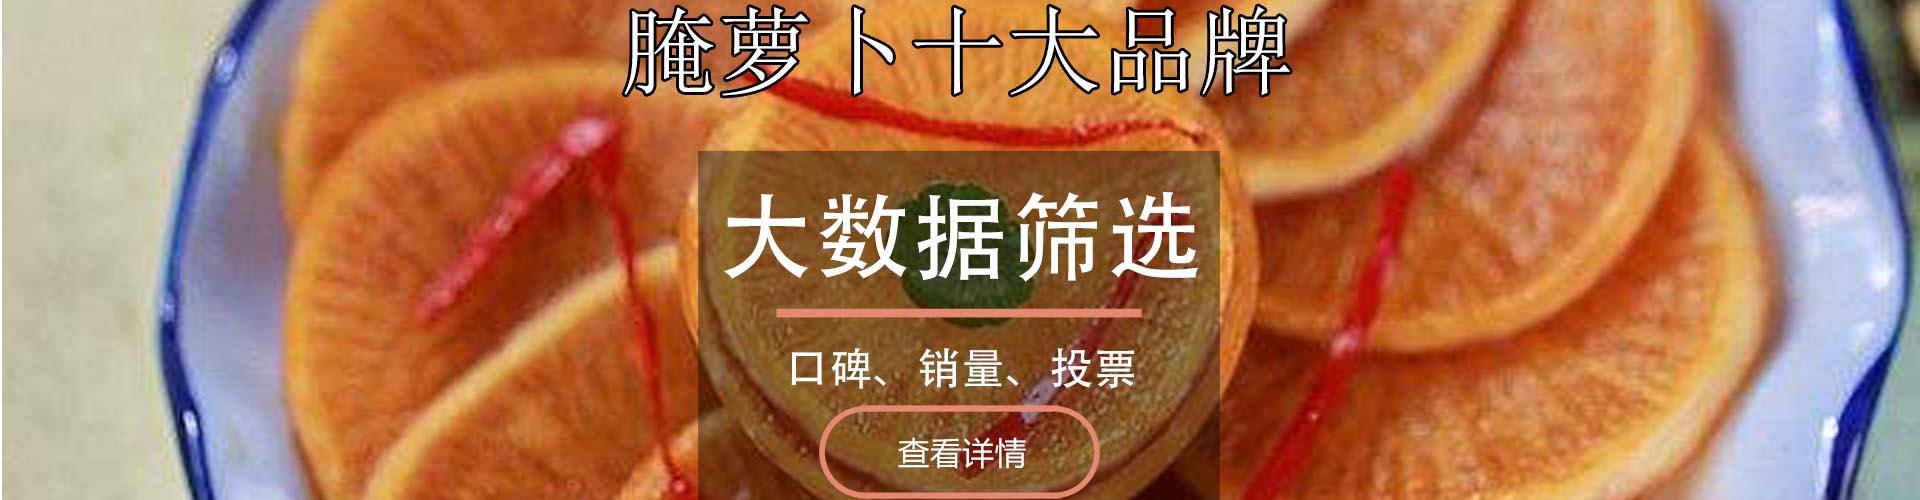 腌萝卜十大品牌排行榜